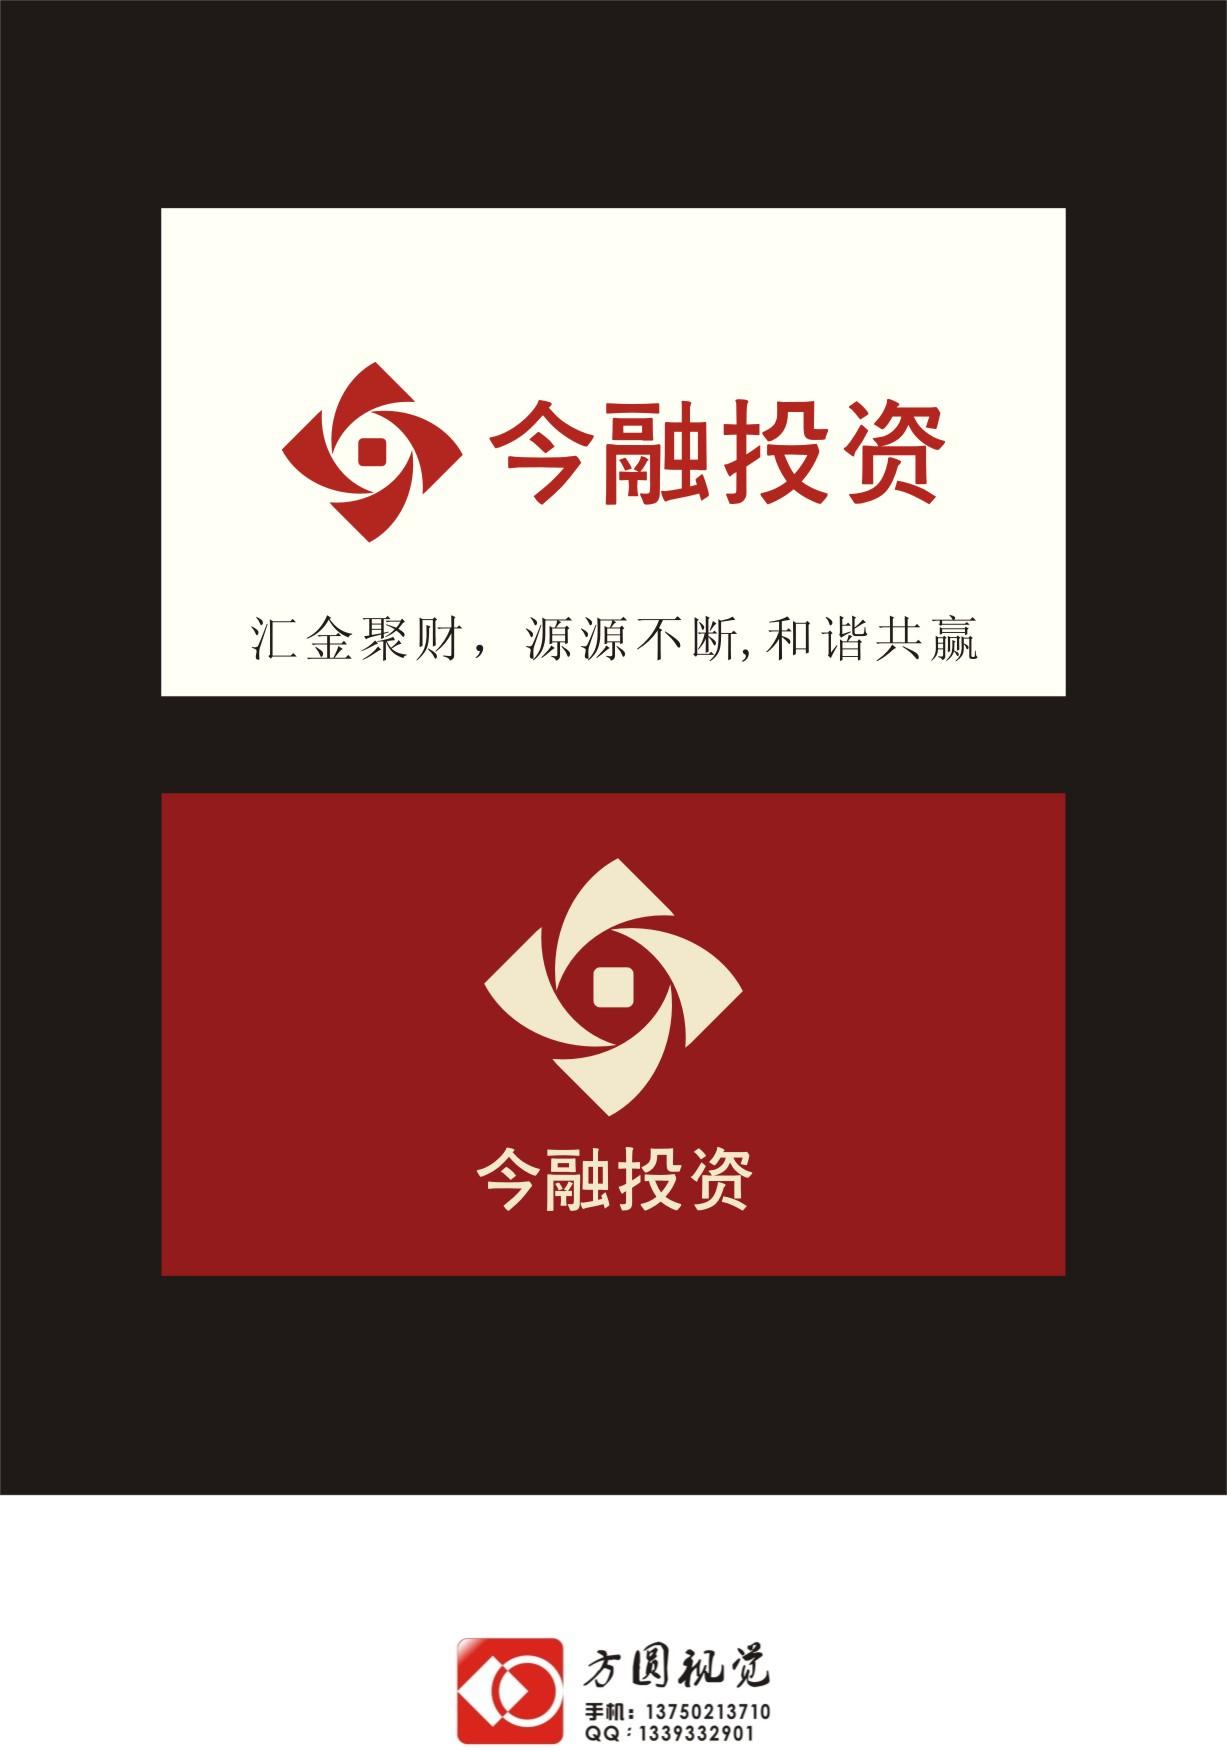 方圆元素logo